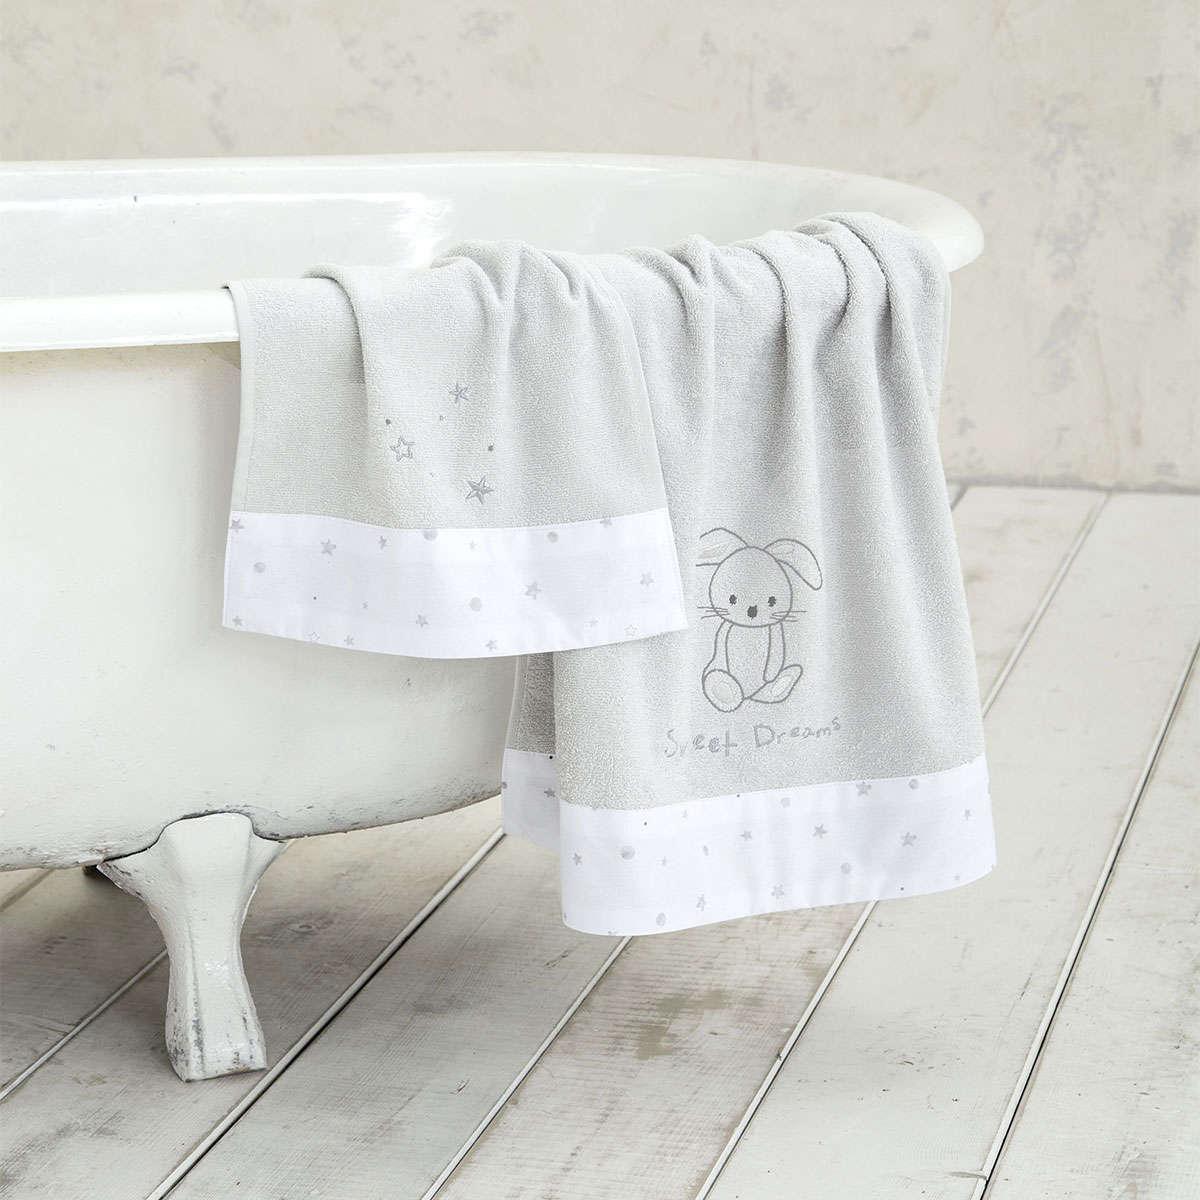 Πετσέτες Παιδικές Σετ – Baby Bunny Light Grey Nima Σετ Πετσέτες 70x140cm